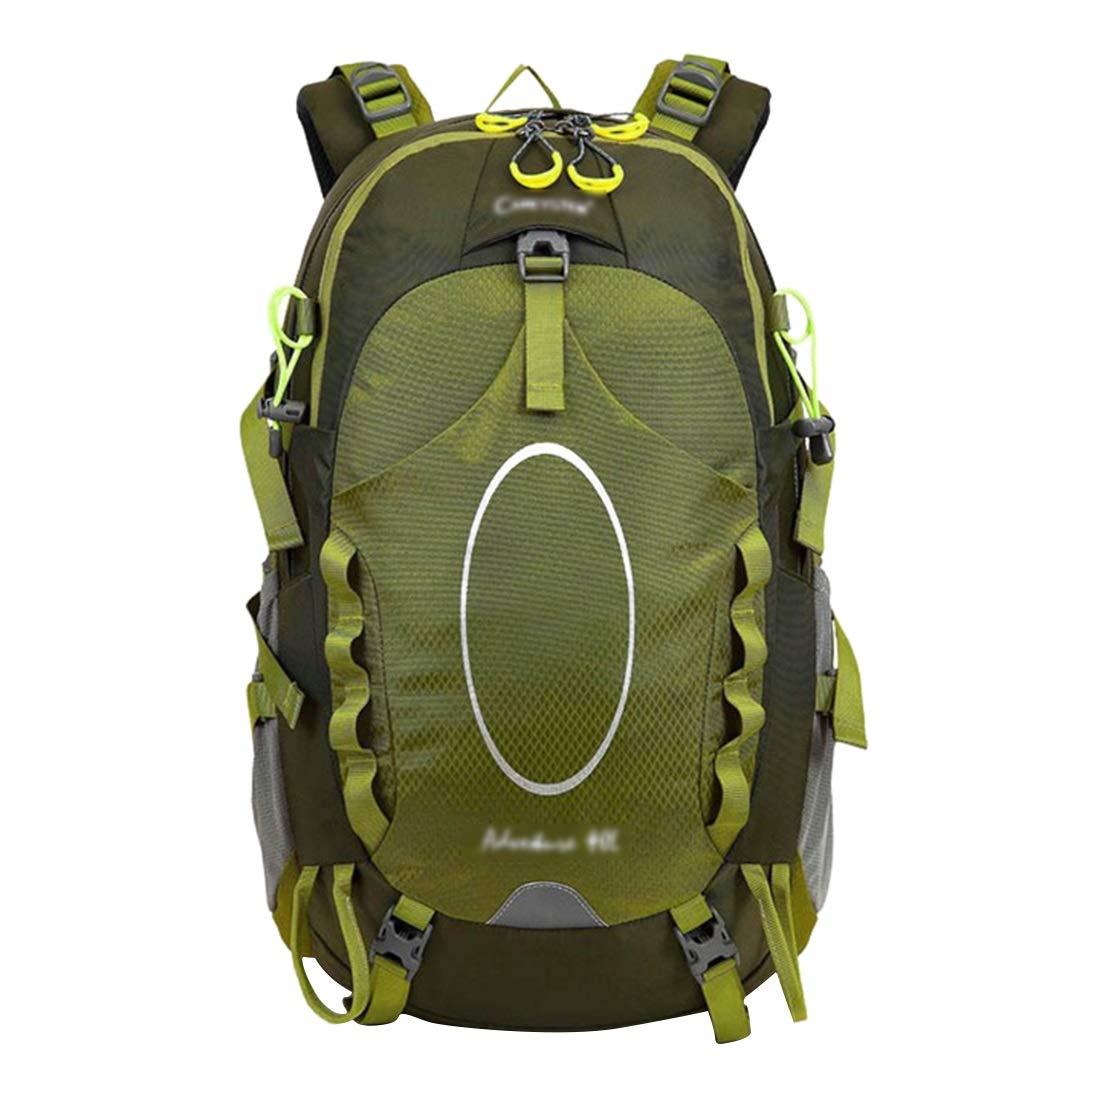 CAFUTY クライミングバッグ/アウトドアキャンプバックパックバックパックコンビネーション登山バッグ/多機能スポーツバックパック/迷彩アプリケーション:アウトドア登山、旅行、キャンプ (Color : オレンジ)  オレンジ B07MXDTTG5